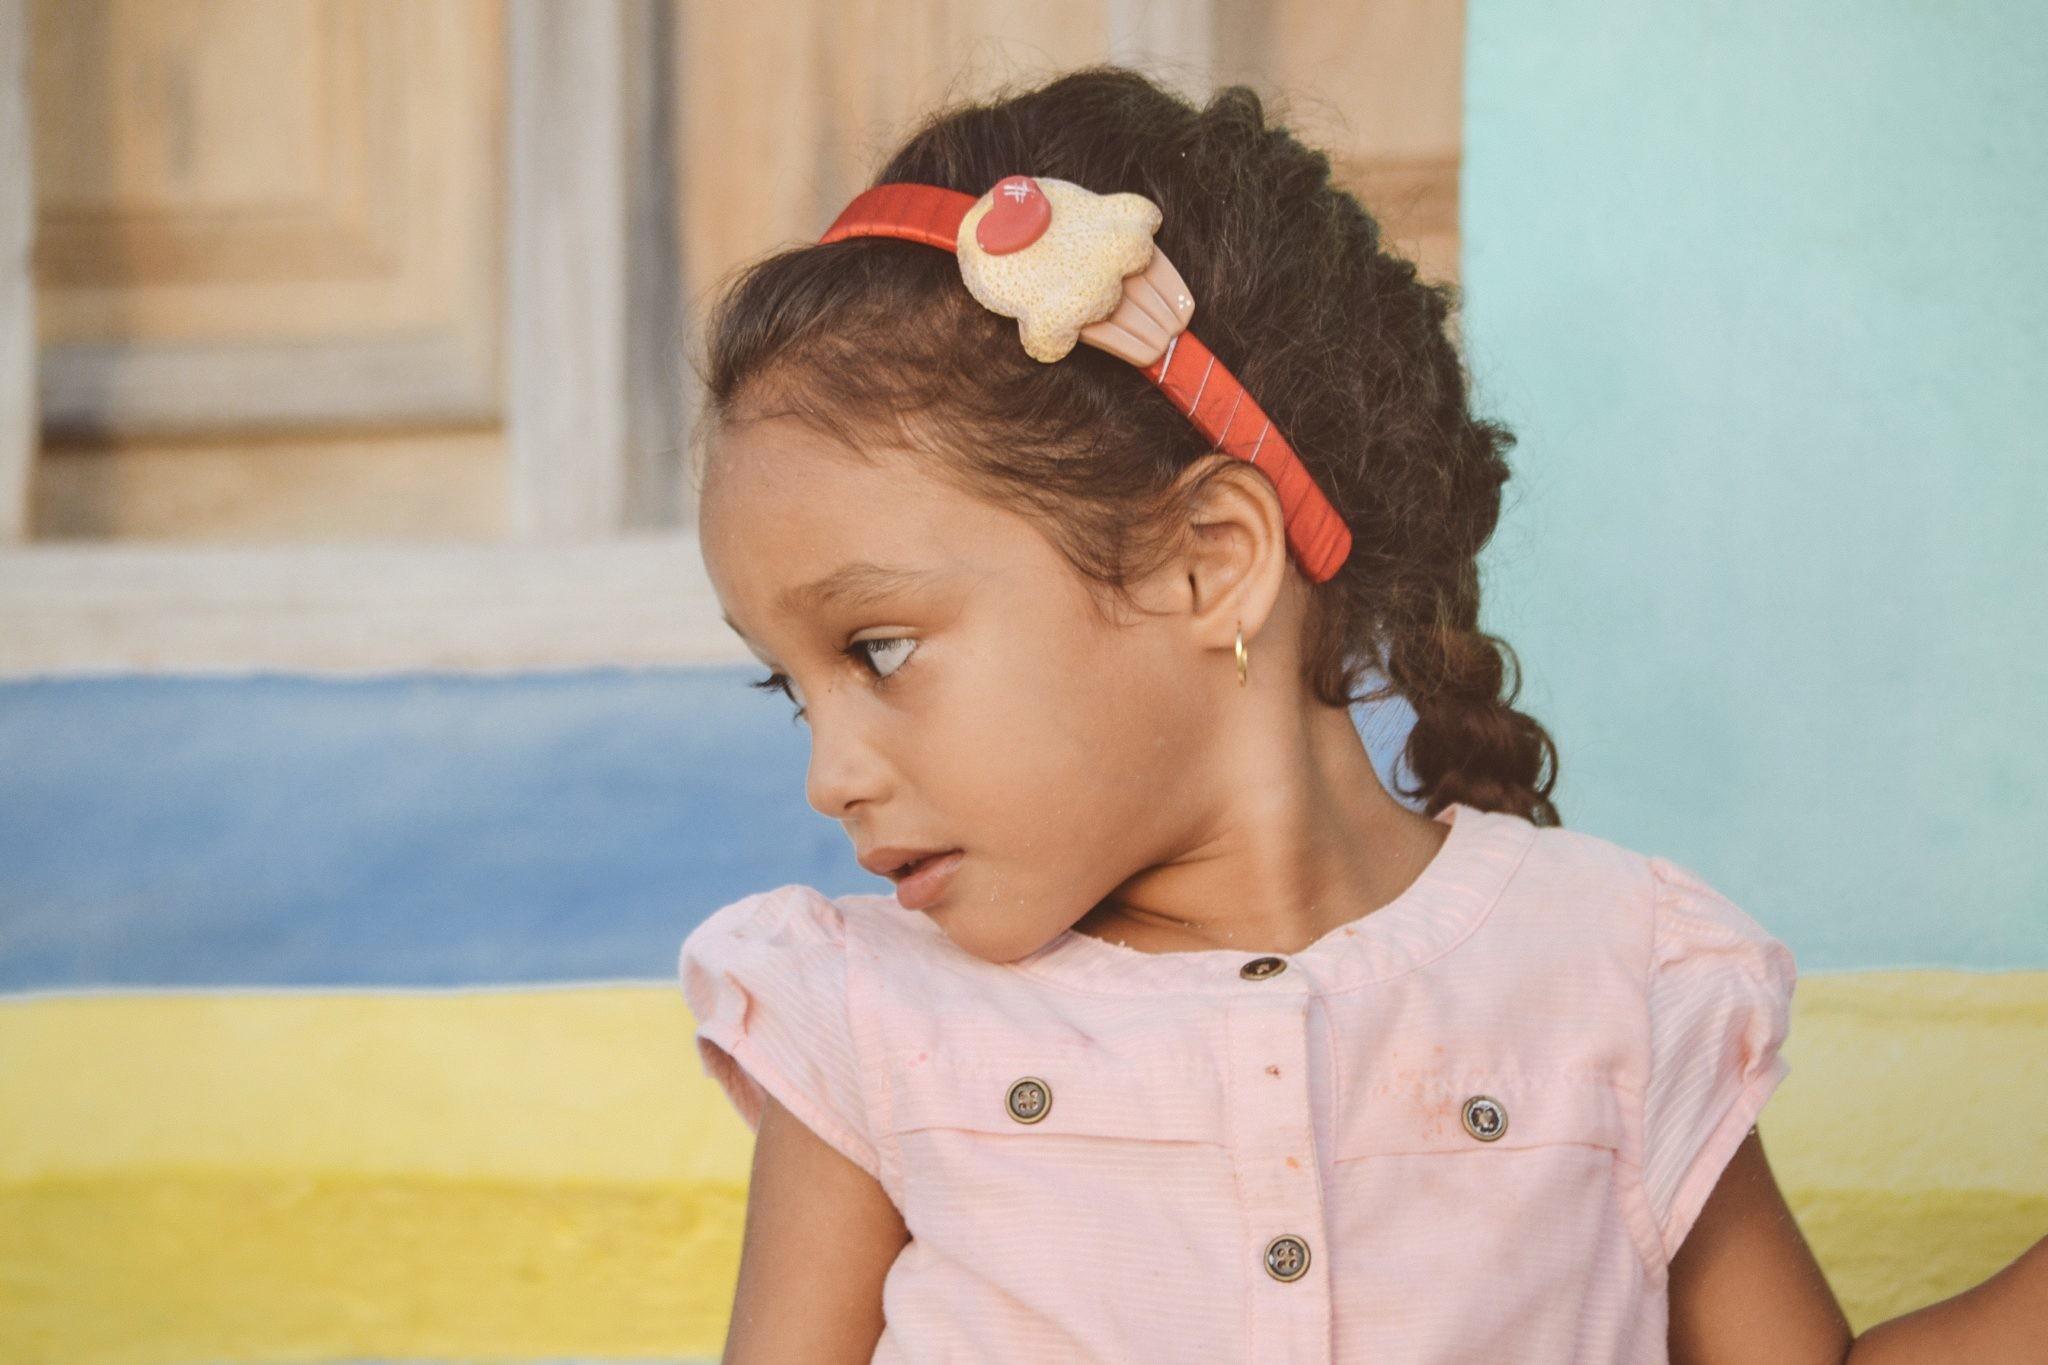 Совет дня: как адаптировать ребенка к детскому саду